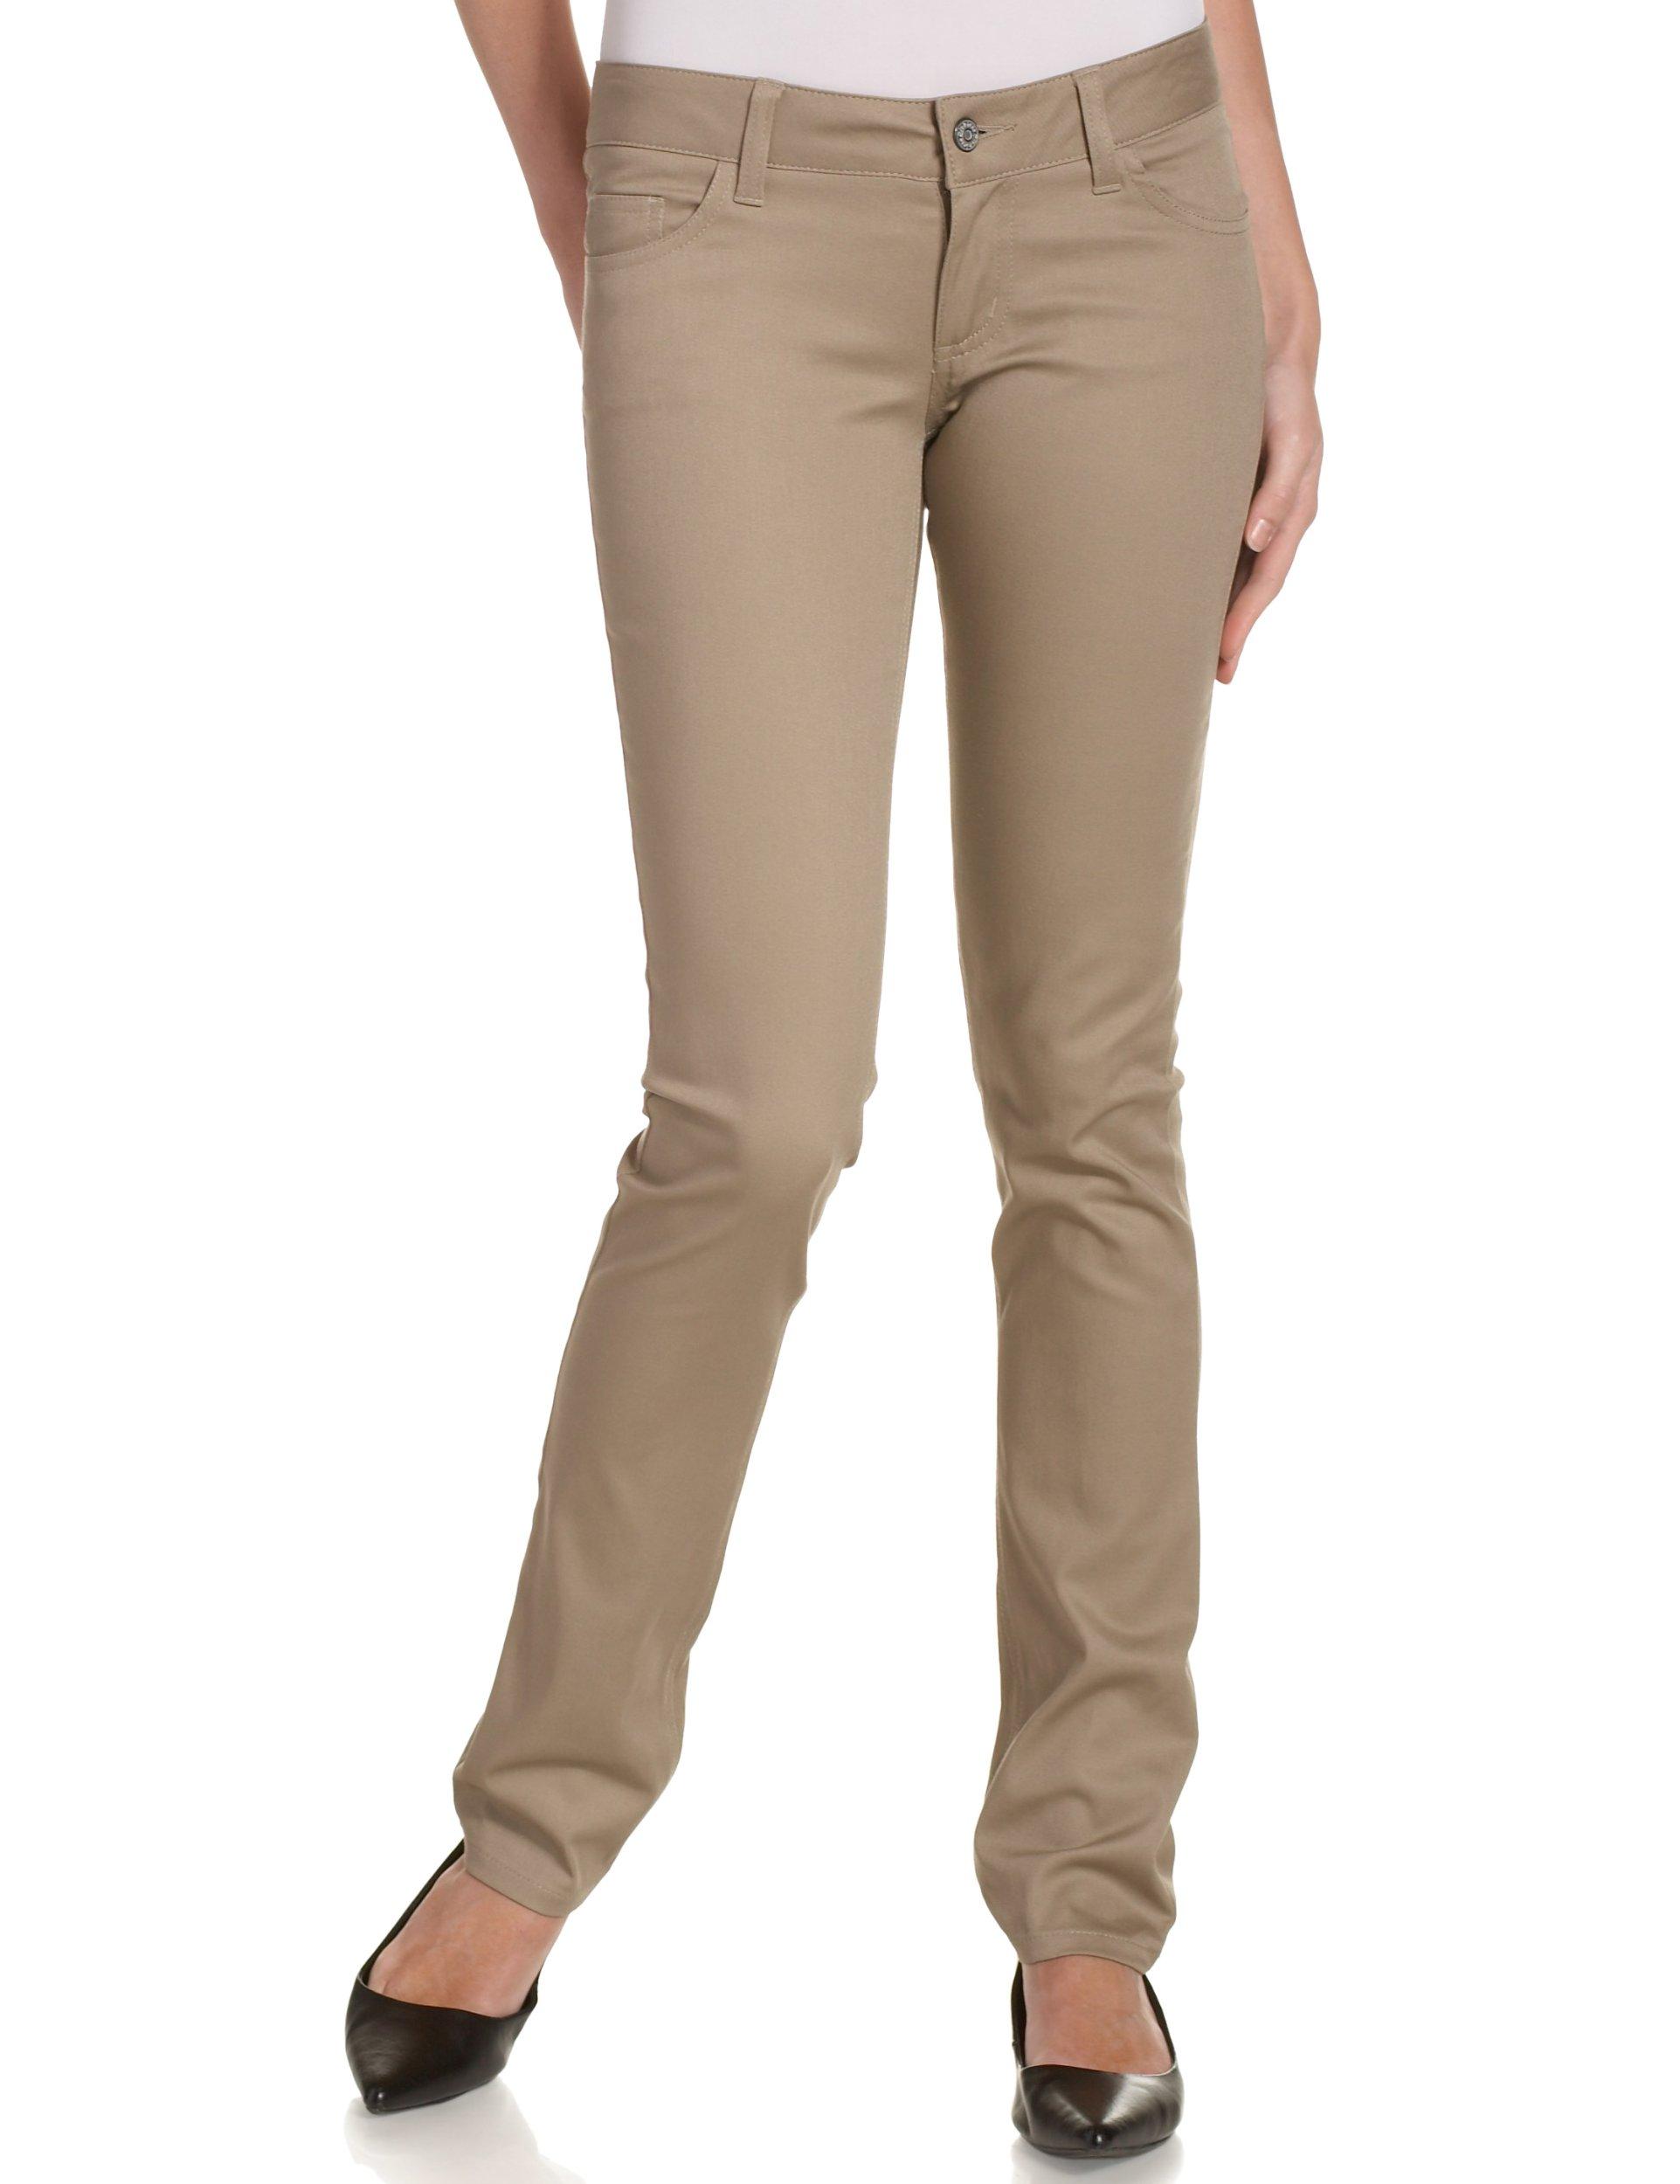 Dickies Girl Junior's Classic 5 Pocket Skinny Pant, Khaki, 7